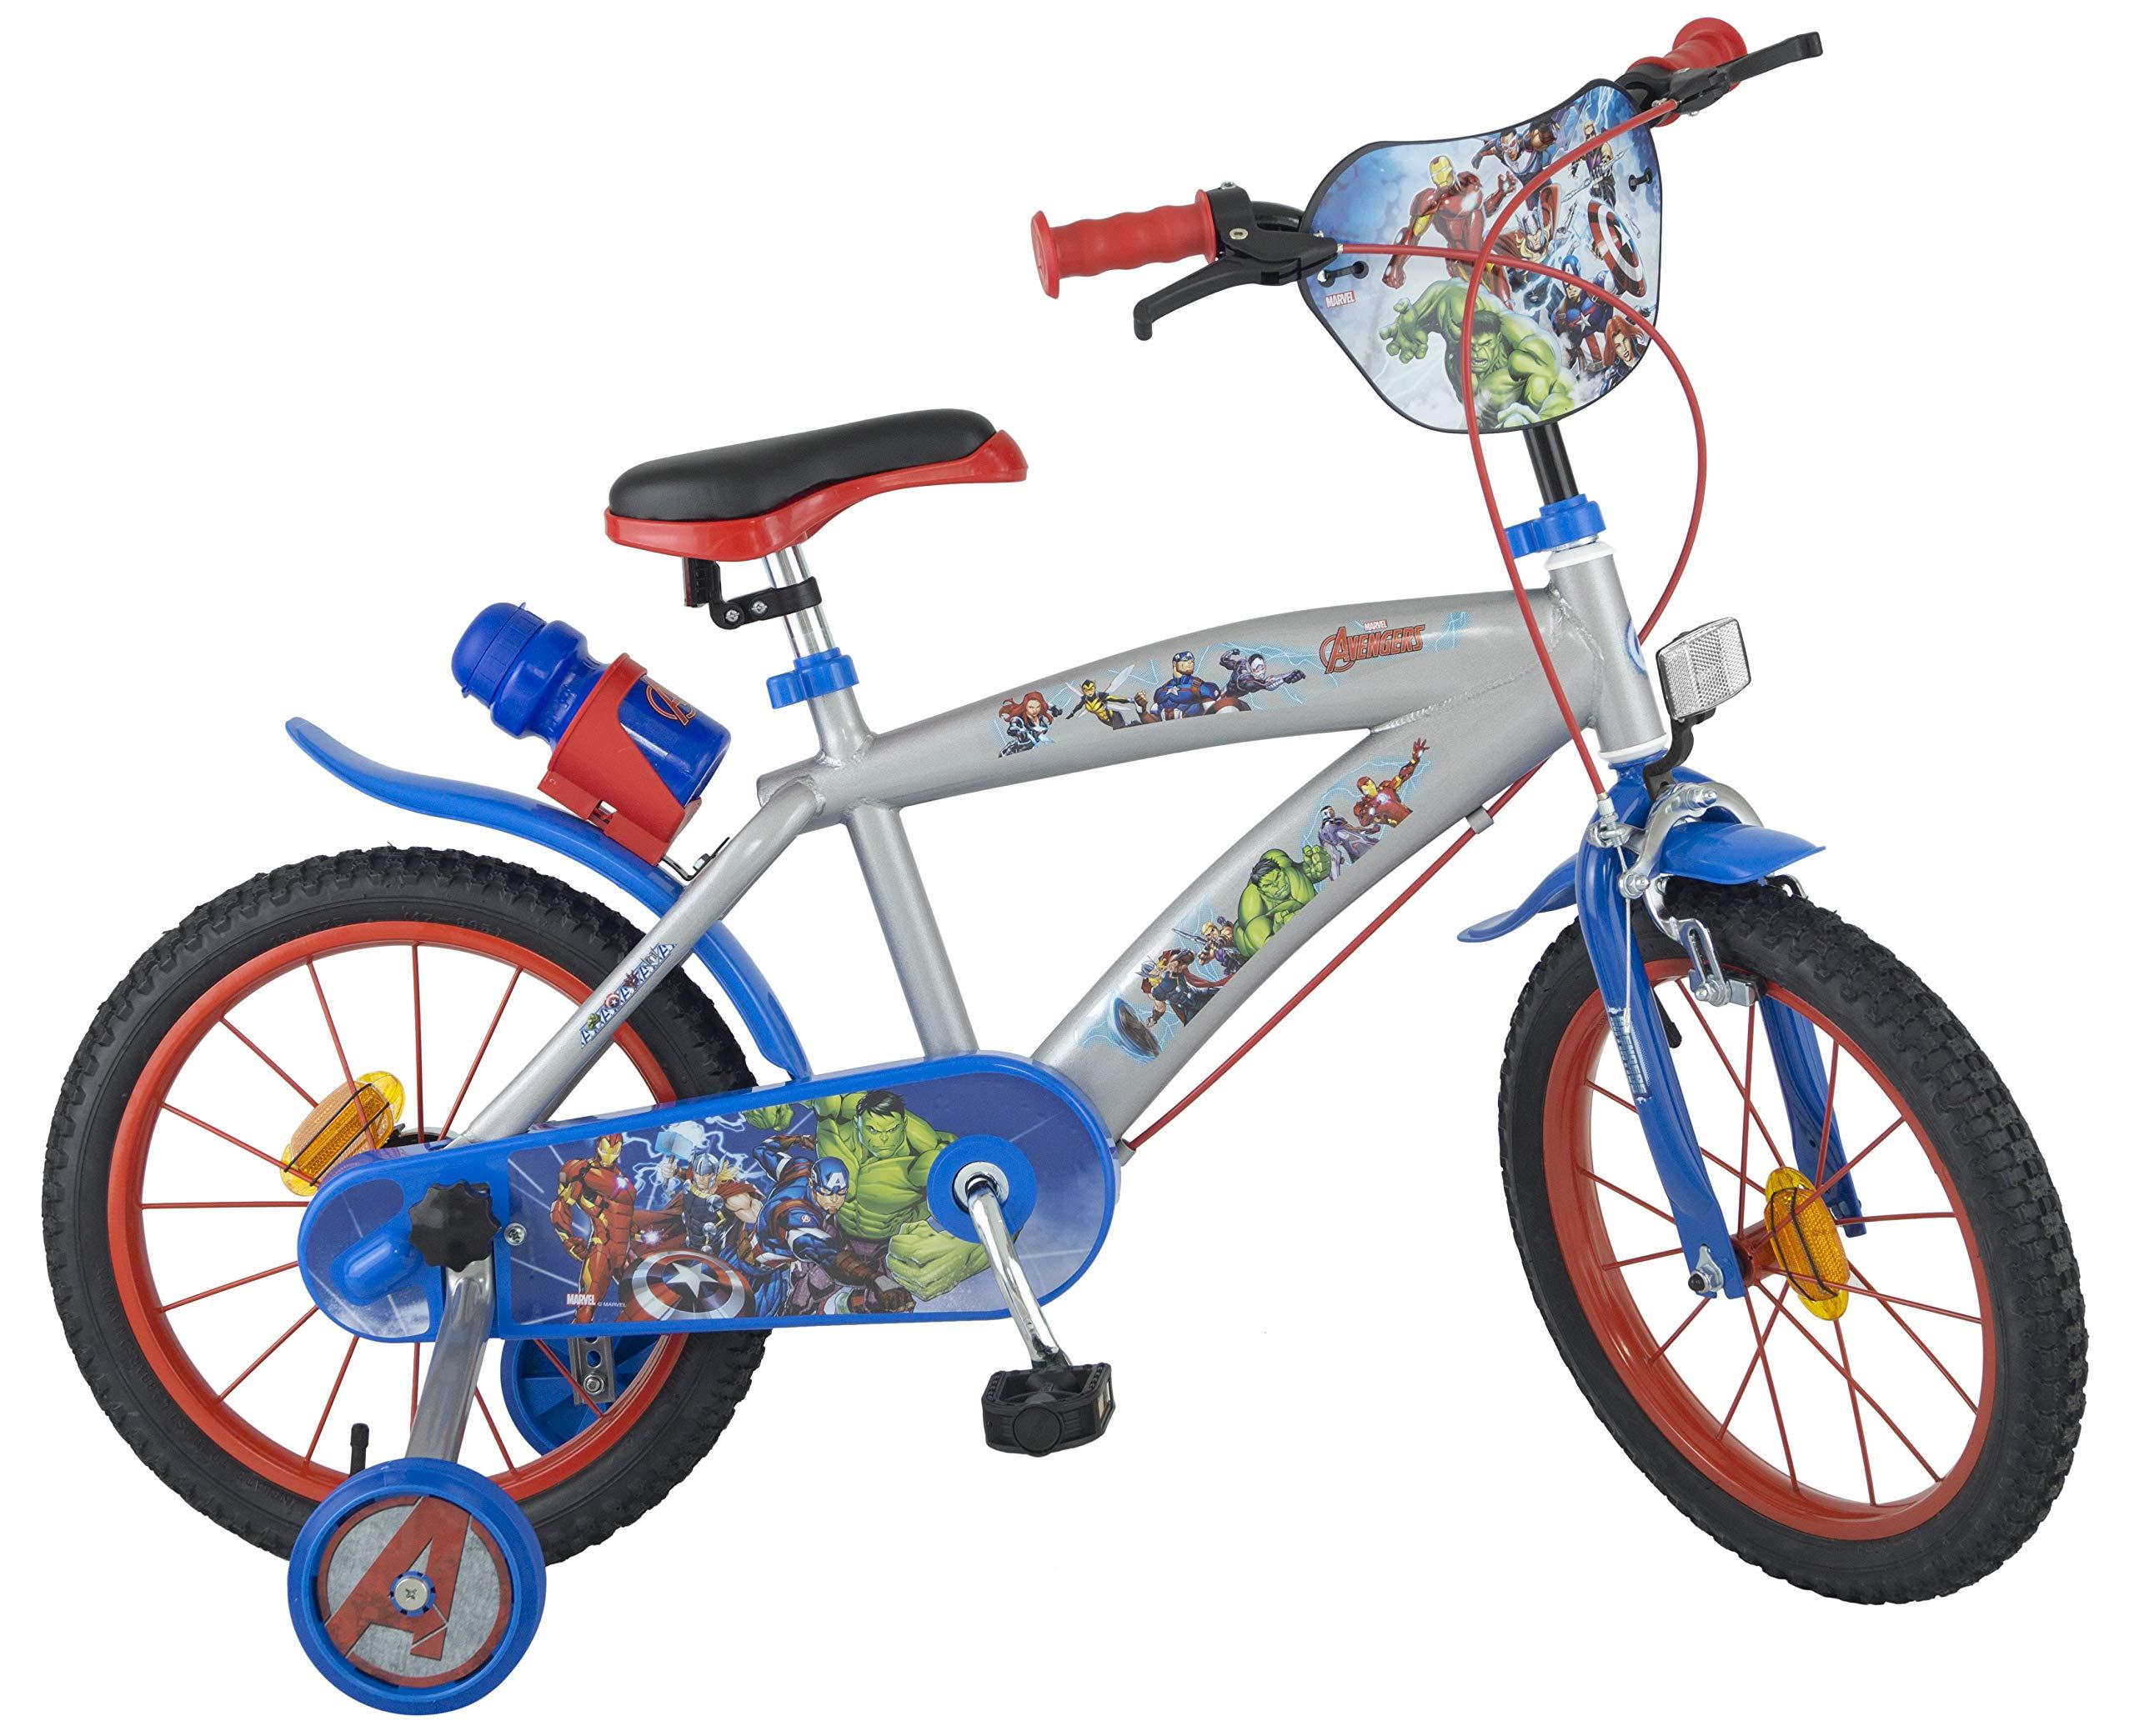 The Avengers Biciclette Per Bambini 5 8 Anni 16 Toim Sgmstore